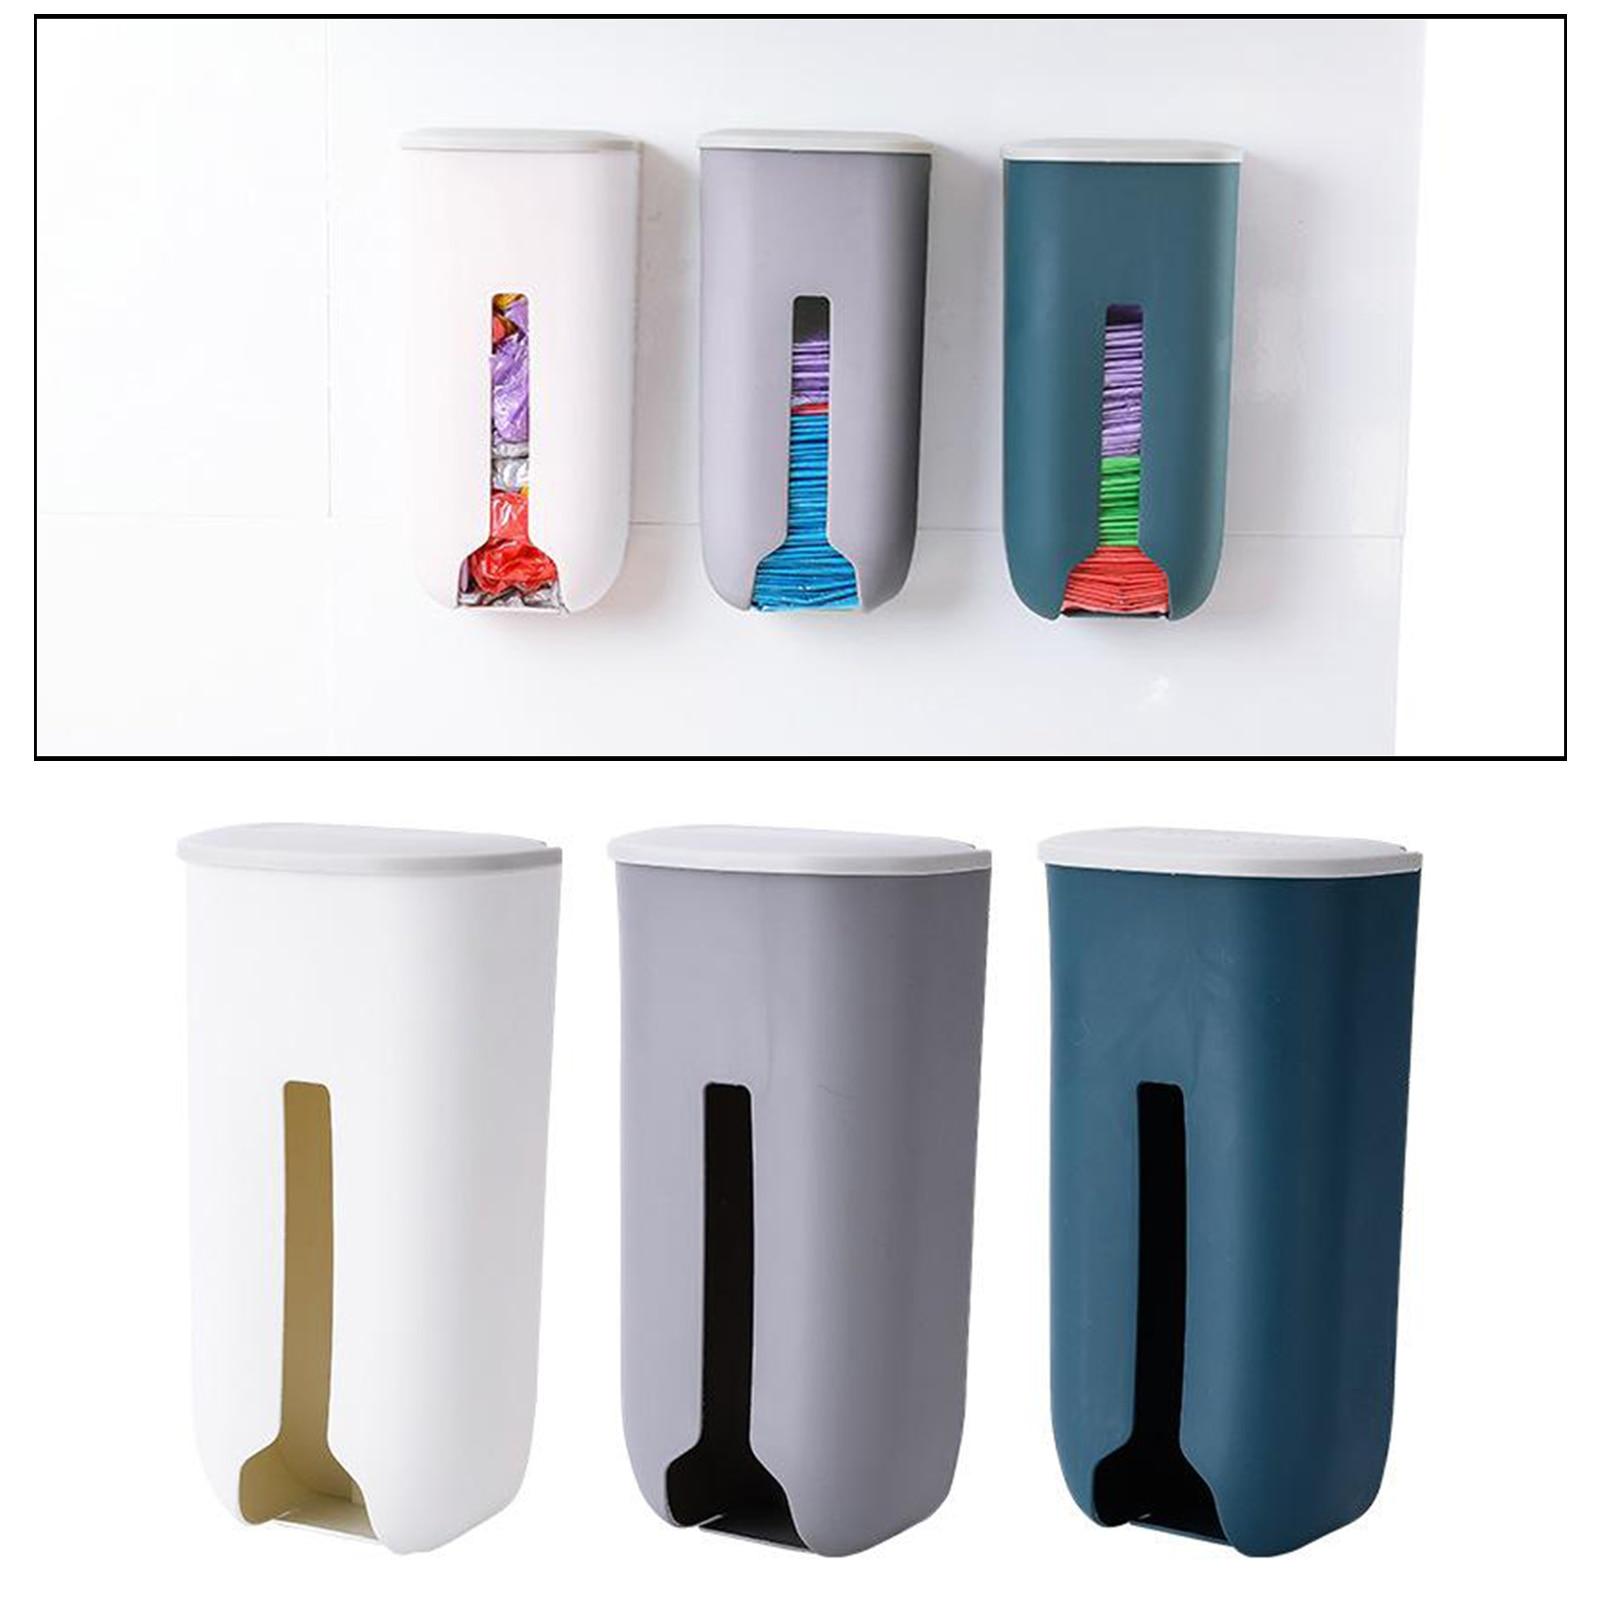 2pcs Garbage Bag Organizer Kitchen Storage Box Wall Mounted Plastic Dispenser